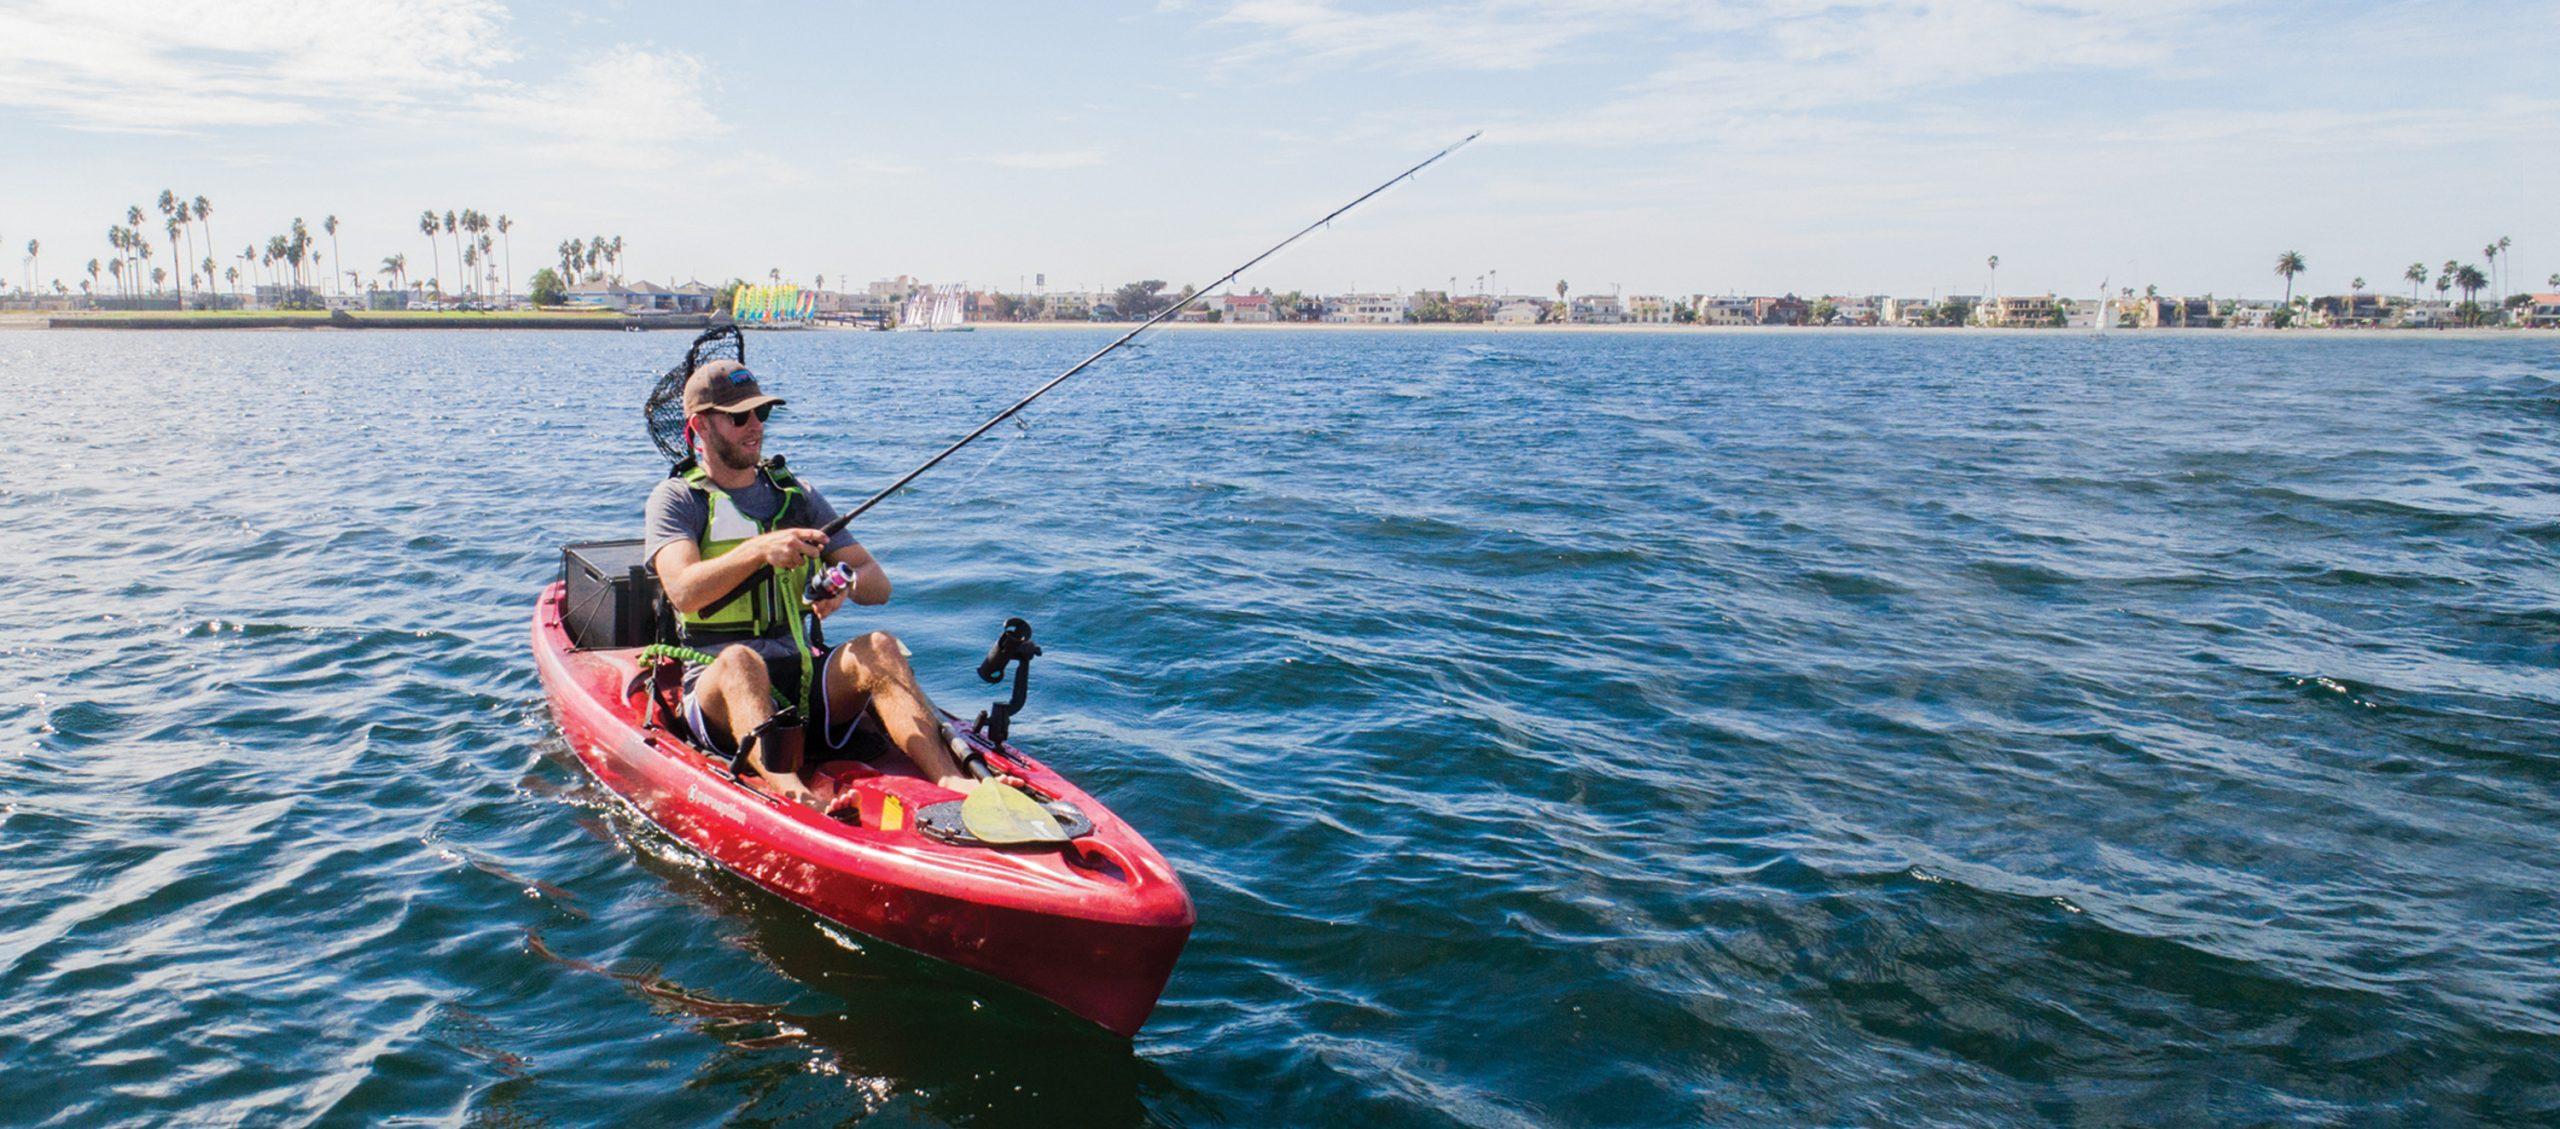 Man fishing out of red sit-on-top fishing kayak